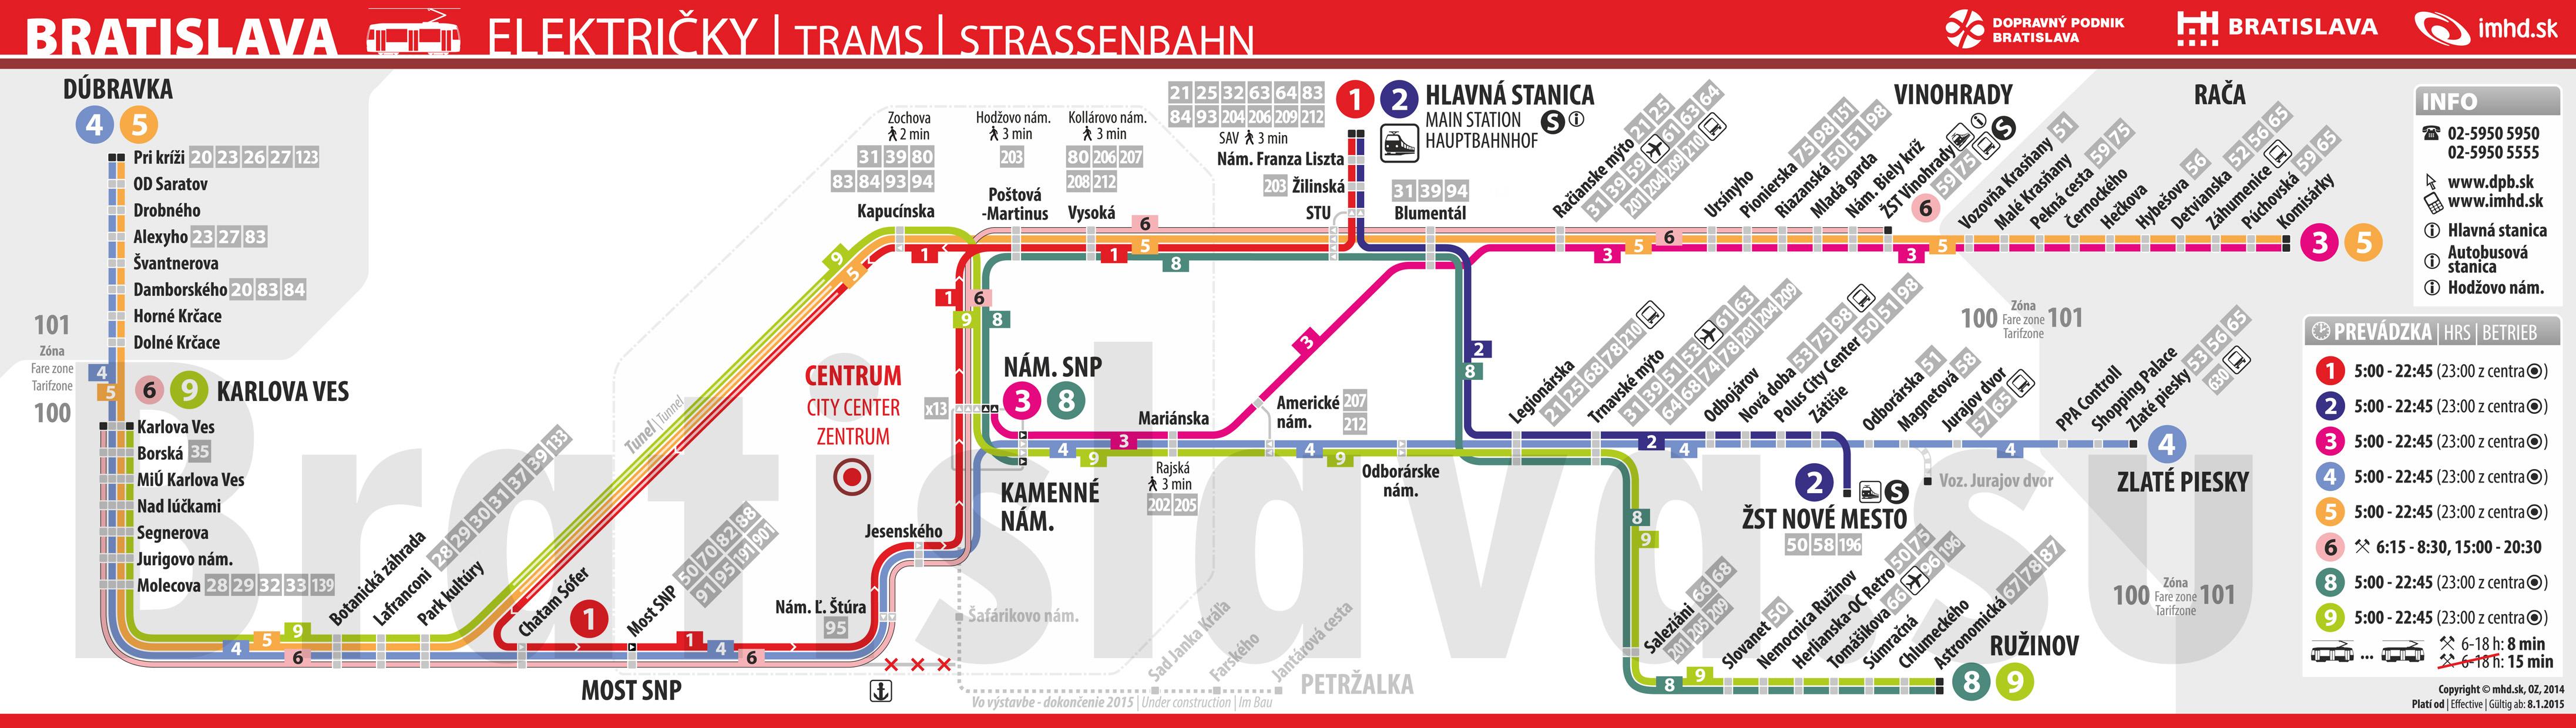 Схема движения транспорта в братиславе